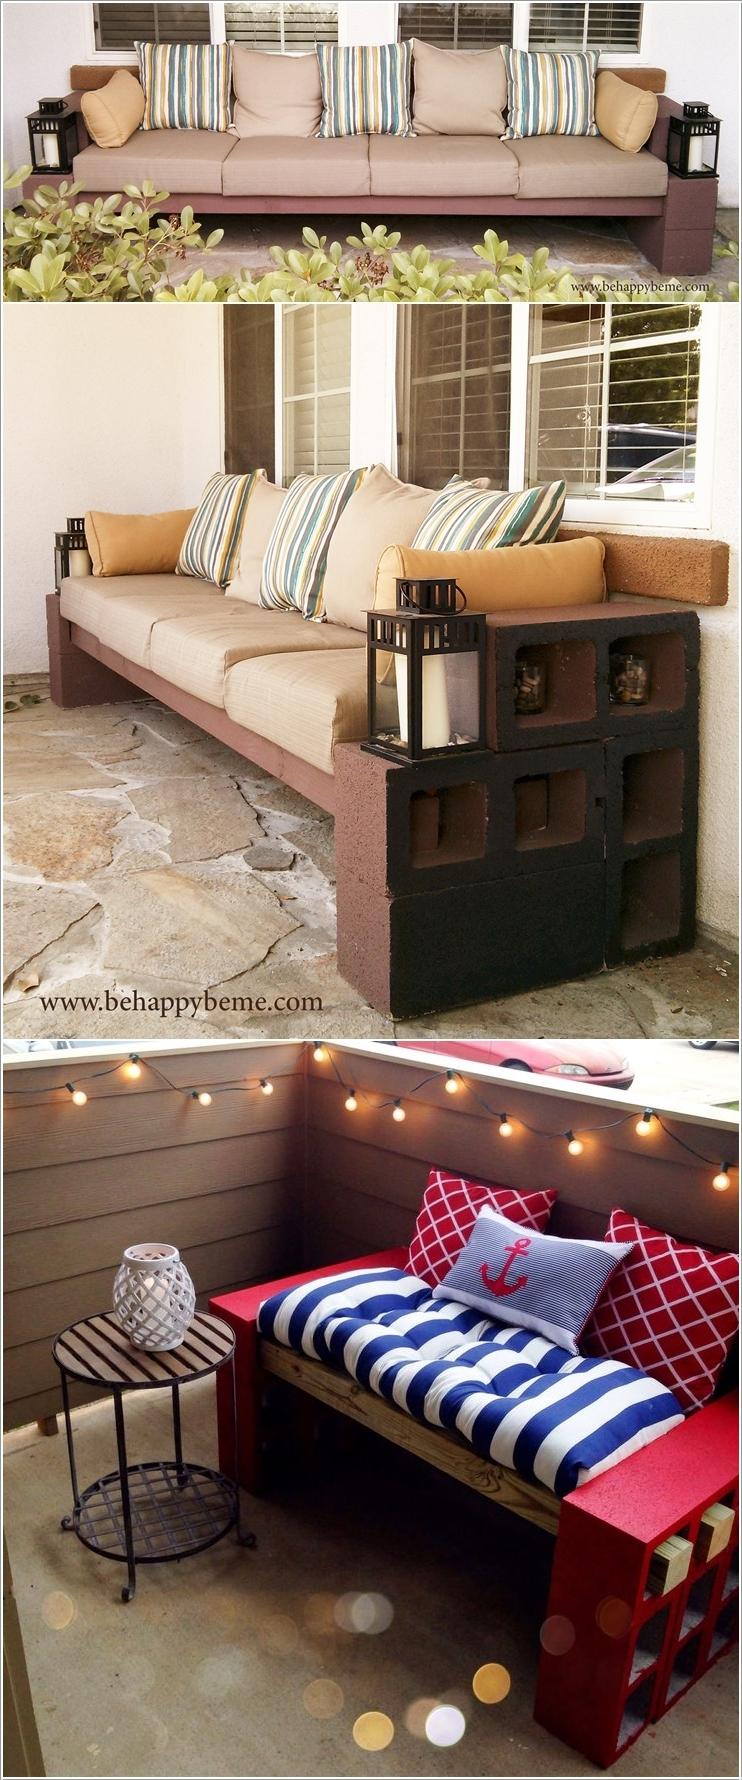 Ιδέες με υπαίθρια καθιστικά για το σπίτι σας2